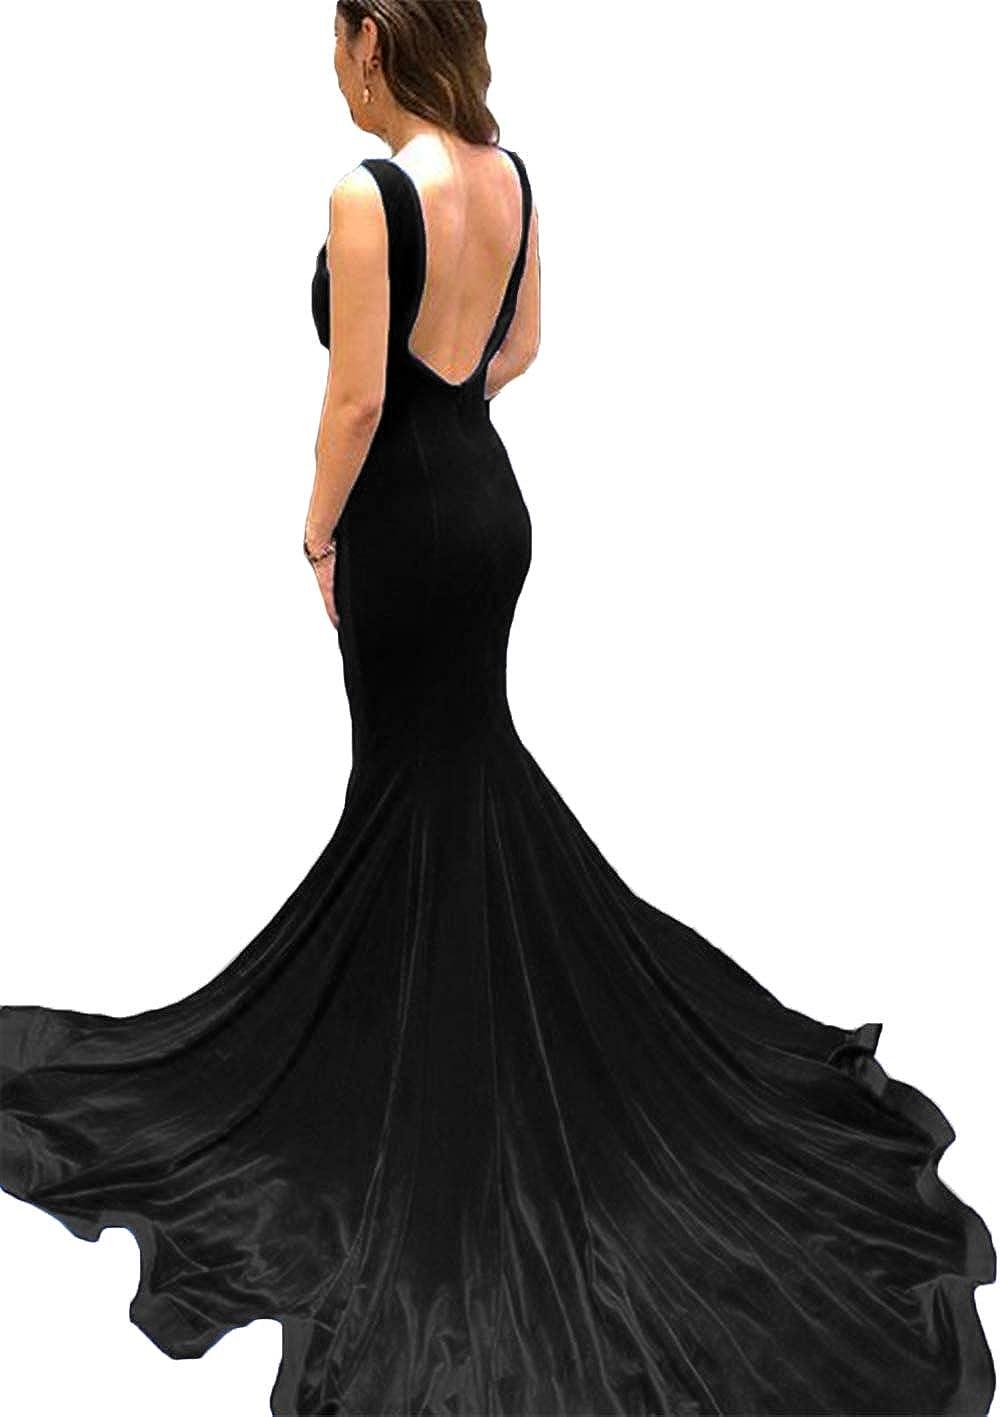 Black Ri Yun Women's Velvet Mermaid Prom Dresses Long Slit Backless Formal Evening Ball Gowns 2019